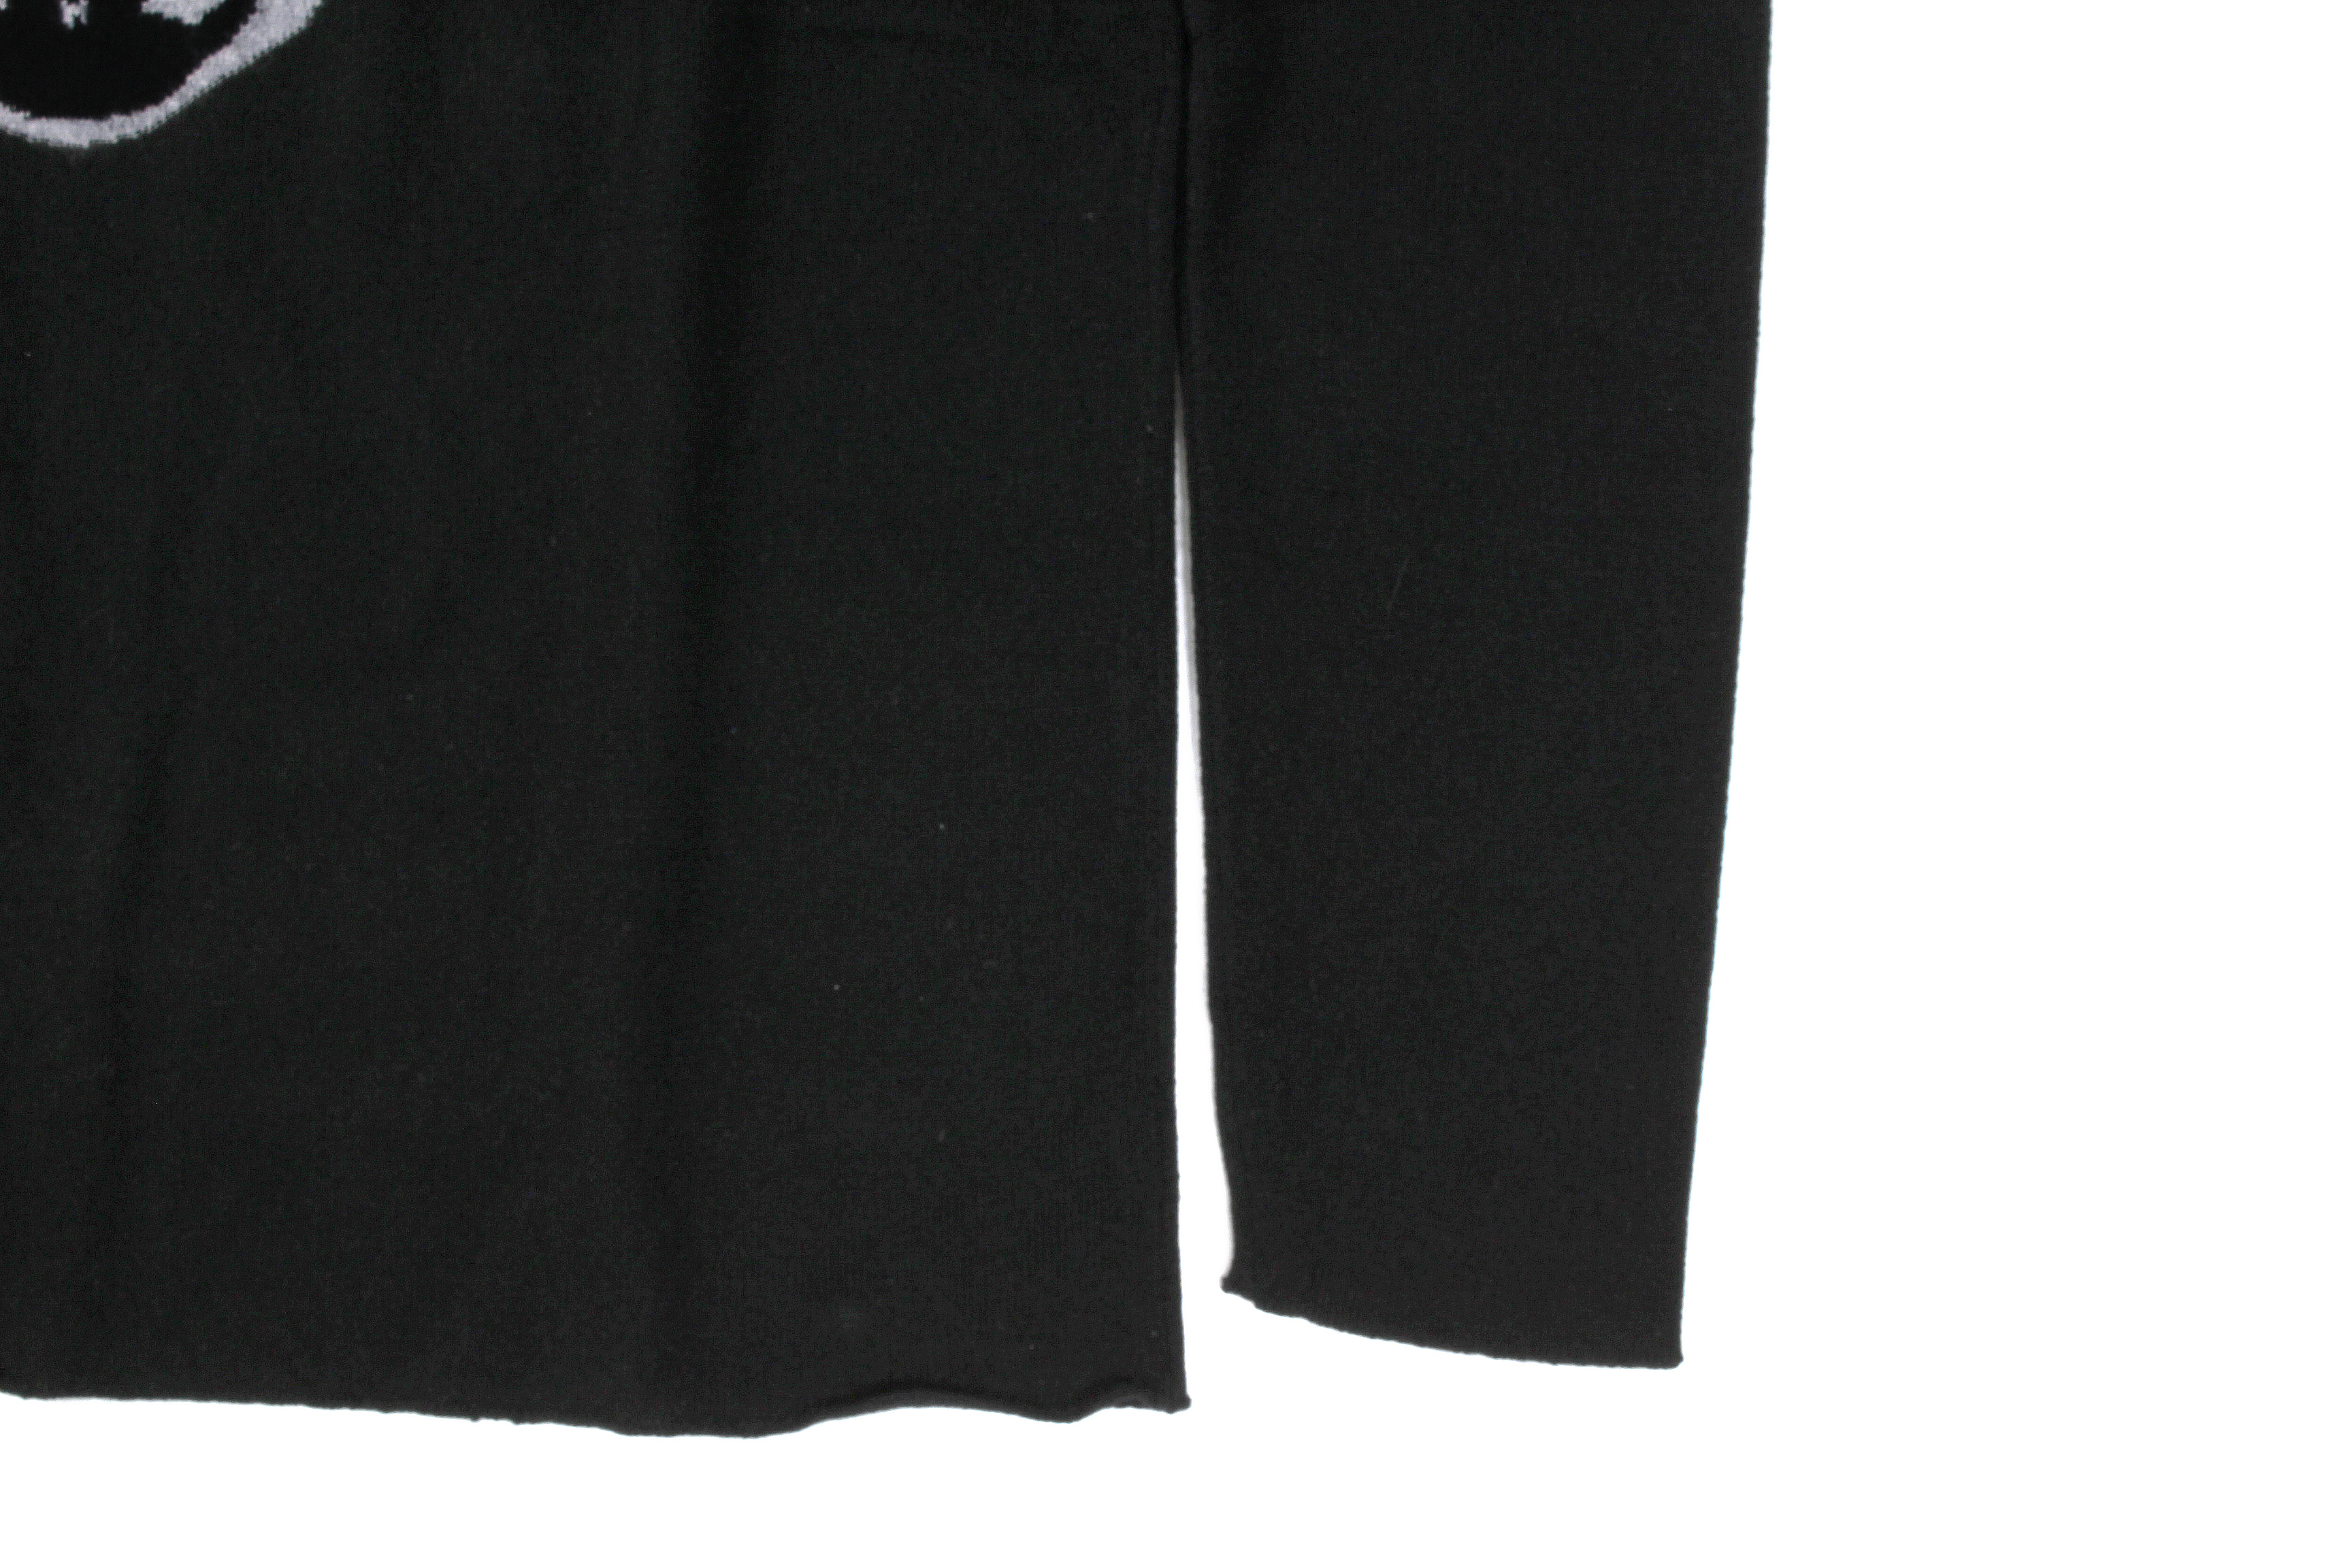 lucien pellat-finet (ルシアン ペラフィネ) Skull Cashmere Sweater (スカル カシミア セーター) インターシャ カシミア スカル セーター BLACK × GRAY (ブラック × グレー) made in scotland (スコットランド製) 2019 秋冬新作 lucienpellatfinet ルシアンペラフィネ 愛知 名古屋 altoediritto アルトエデリット